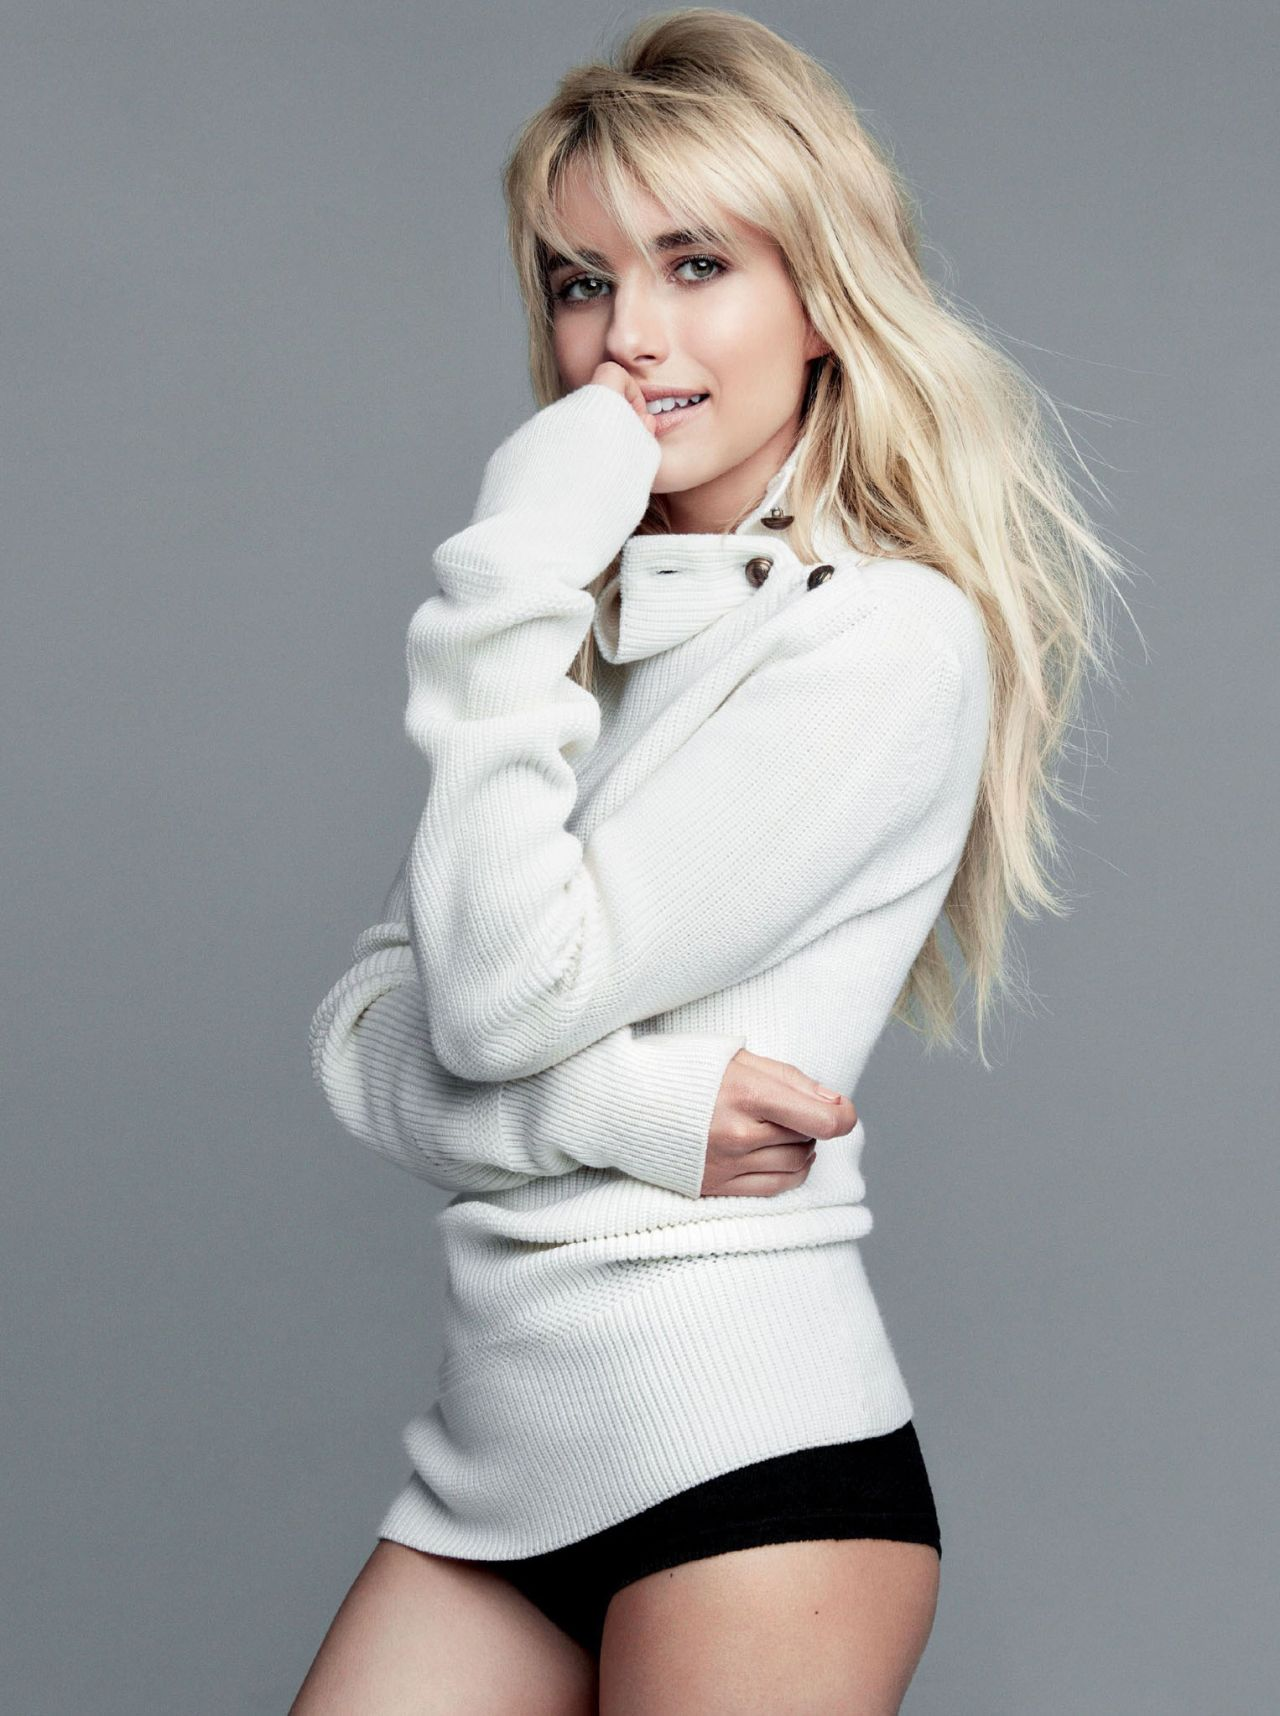 Teen Movies Emma Roberts Hilary 23